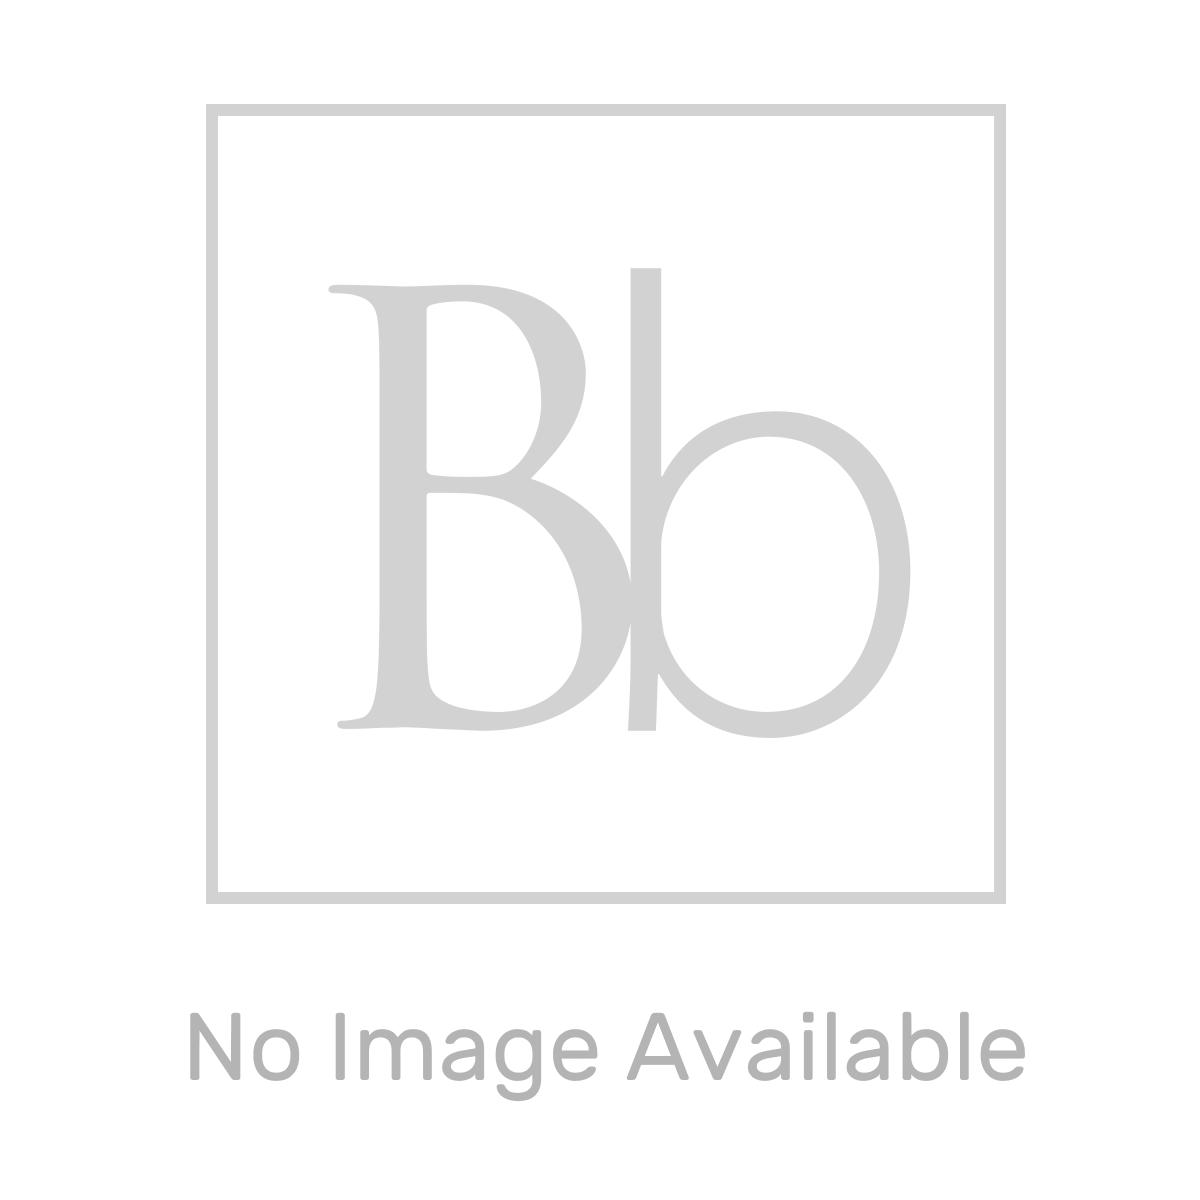 Nuie Athena Gloss Grey Mist 2 Door Floor Standing Unit 600mm with Mid Edge Basin